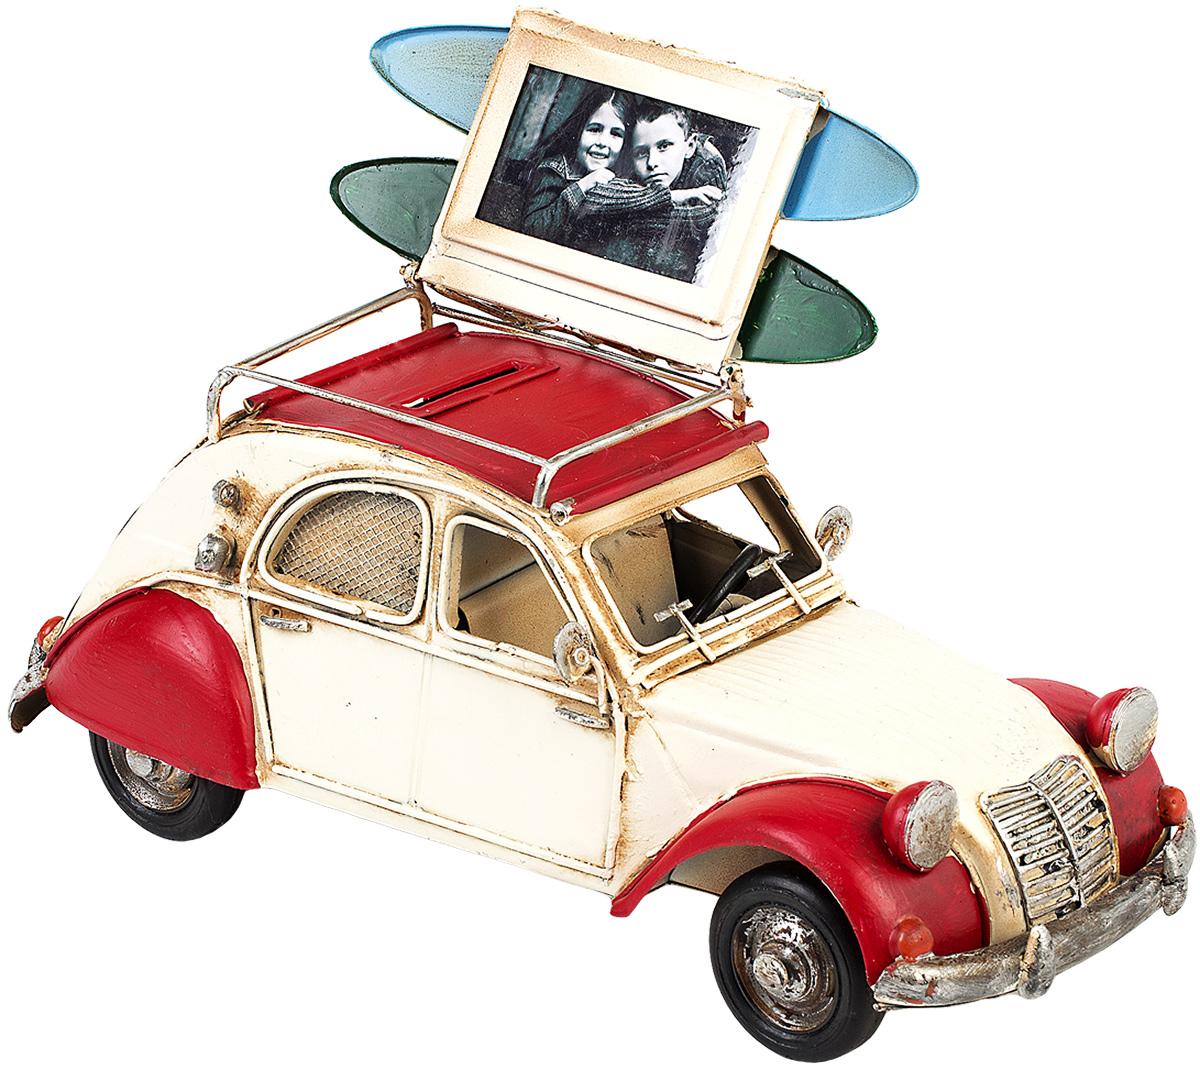 Модель Platinum Автомобиль, с фоторамкой и копилкой. 1404E-43391404E-4339Модель Platinum Автомобиль, выполненная из металла, станет оригинальным украшением интерьера. Вы можете поставить модель ретро- автомобиля в любом месте, где она будет удачно смотреться. Изделие дополнено копилкой и фоторамкой, куда вы можете вставить вашу любимую фотографию. Качество исполнения, точные детали и оригинальный дизайн выделяют эту модель среди ряда подобных. Модель займет достойное место в вашей коллекции, а также приятно удивит получателя в качестве стильного сувенира.